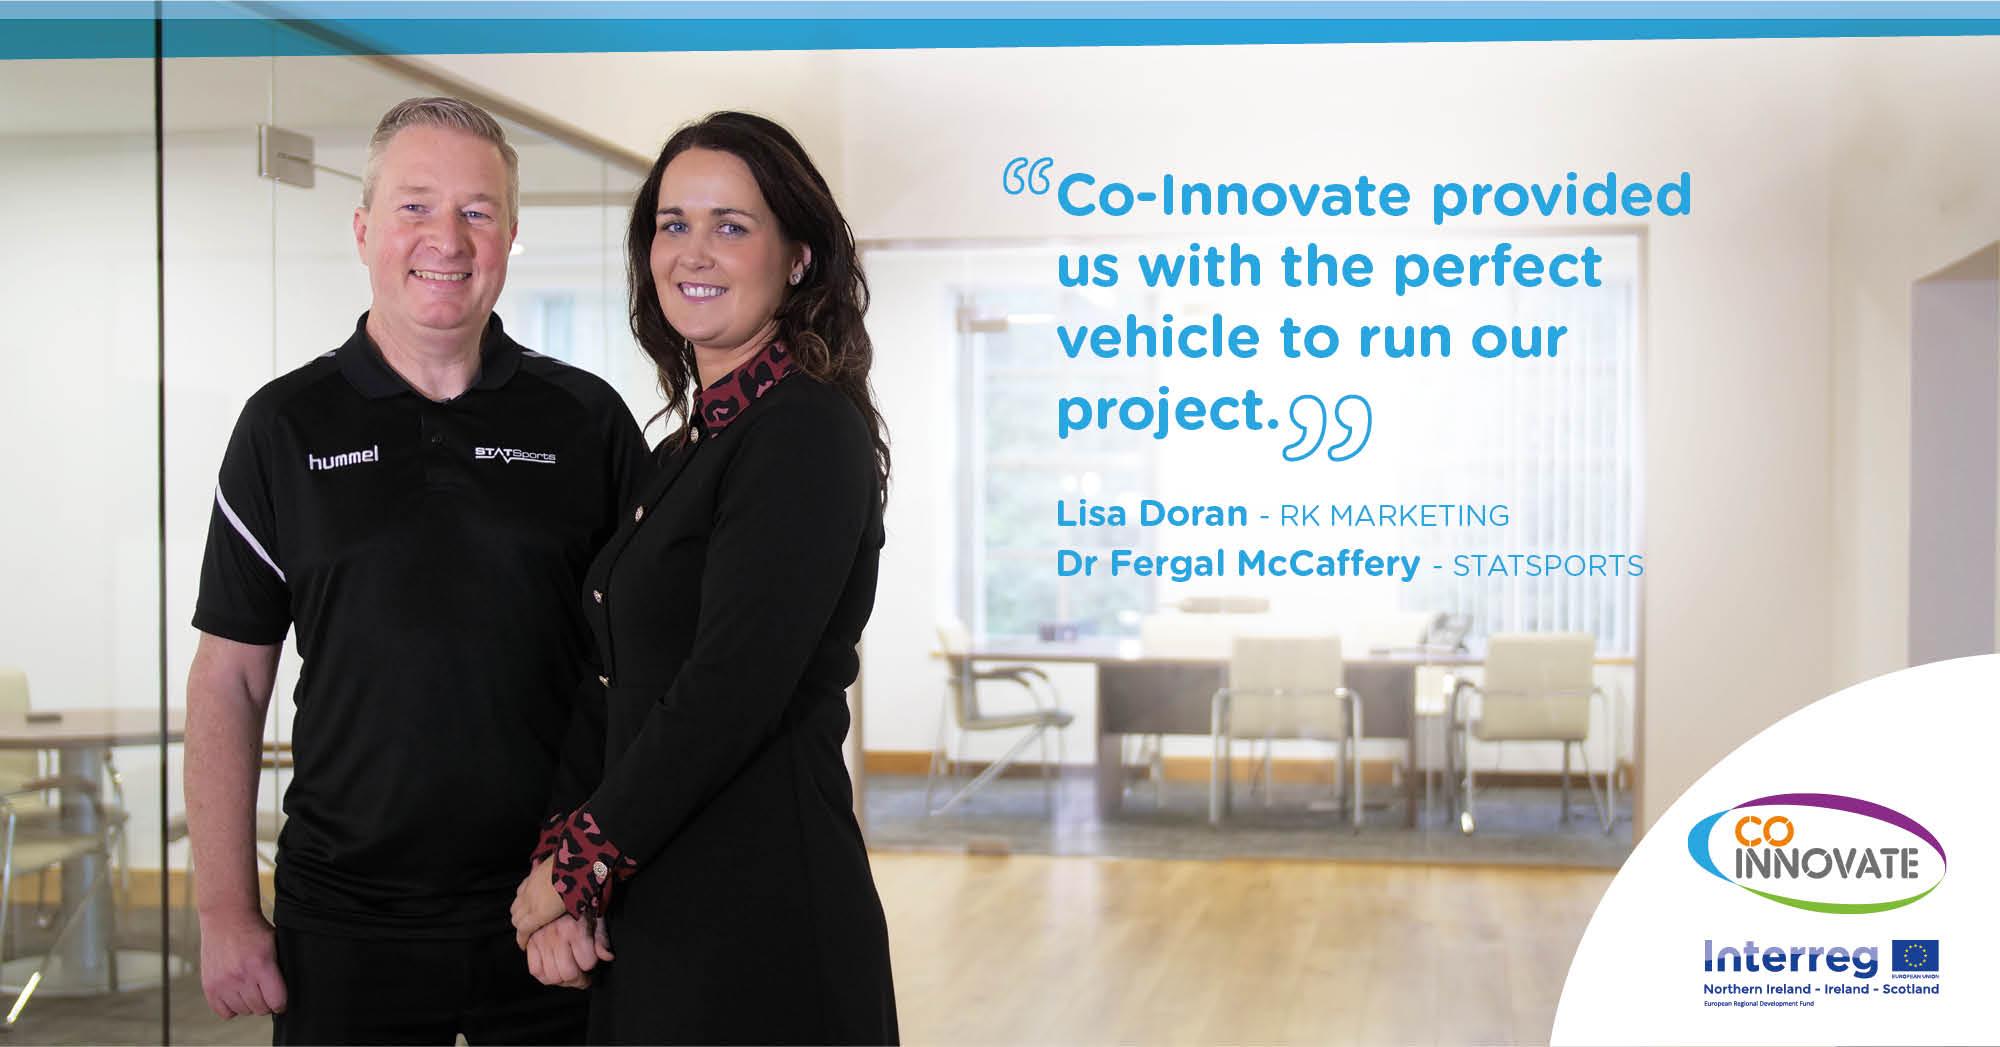 Co-Innovate